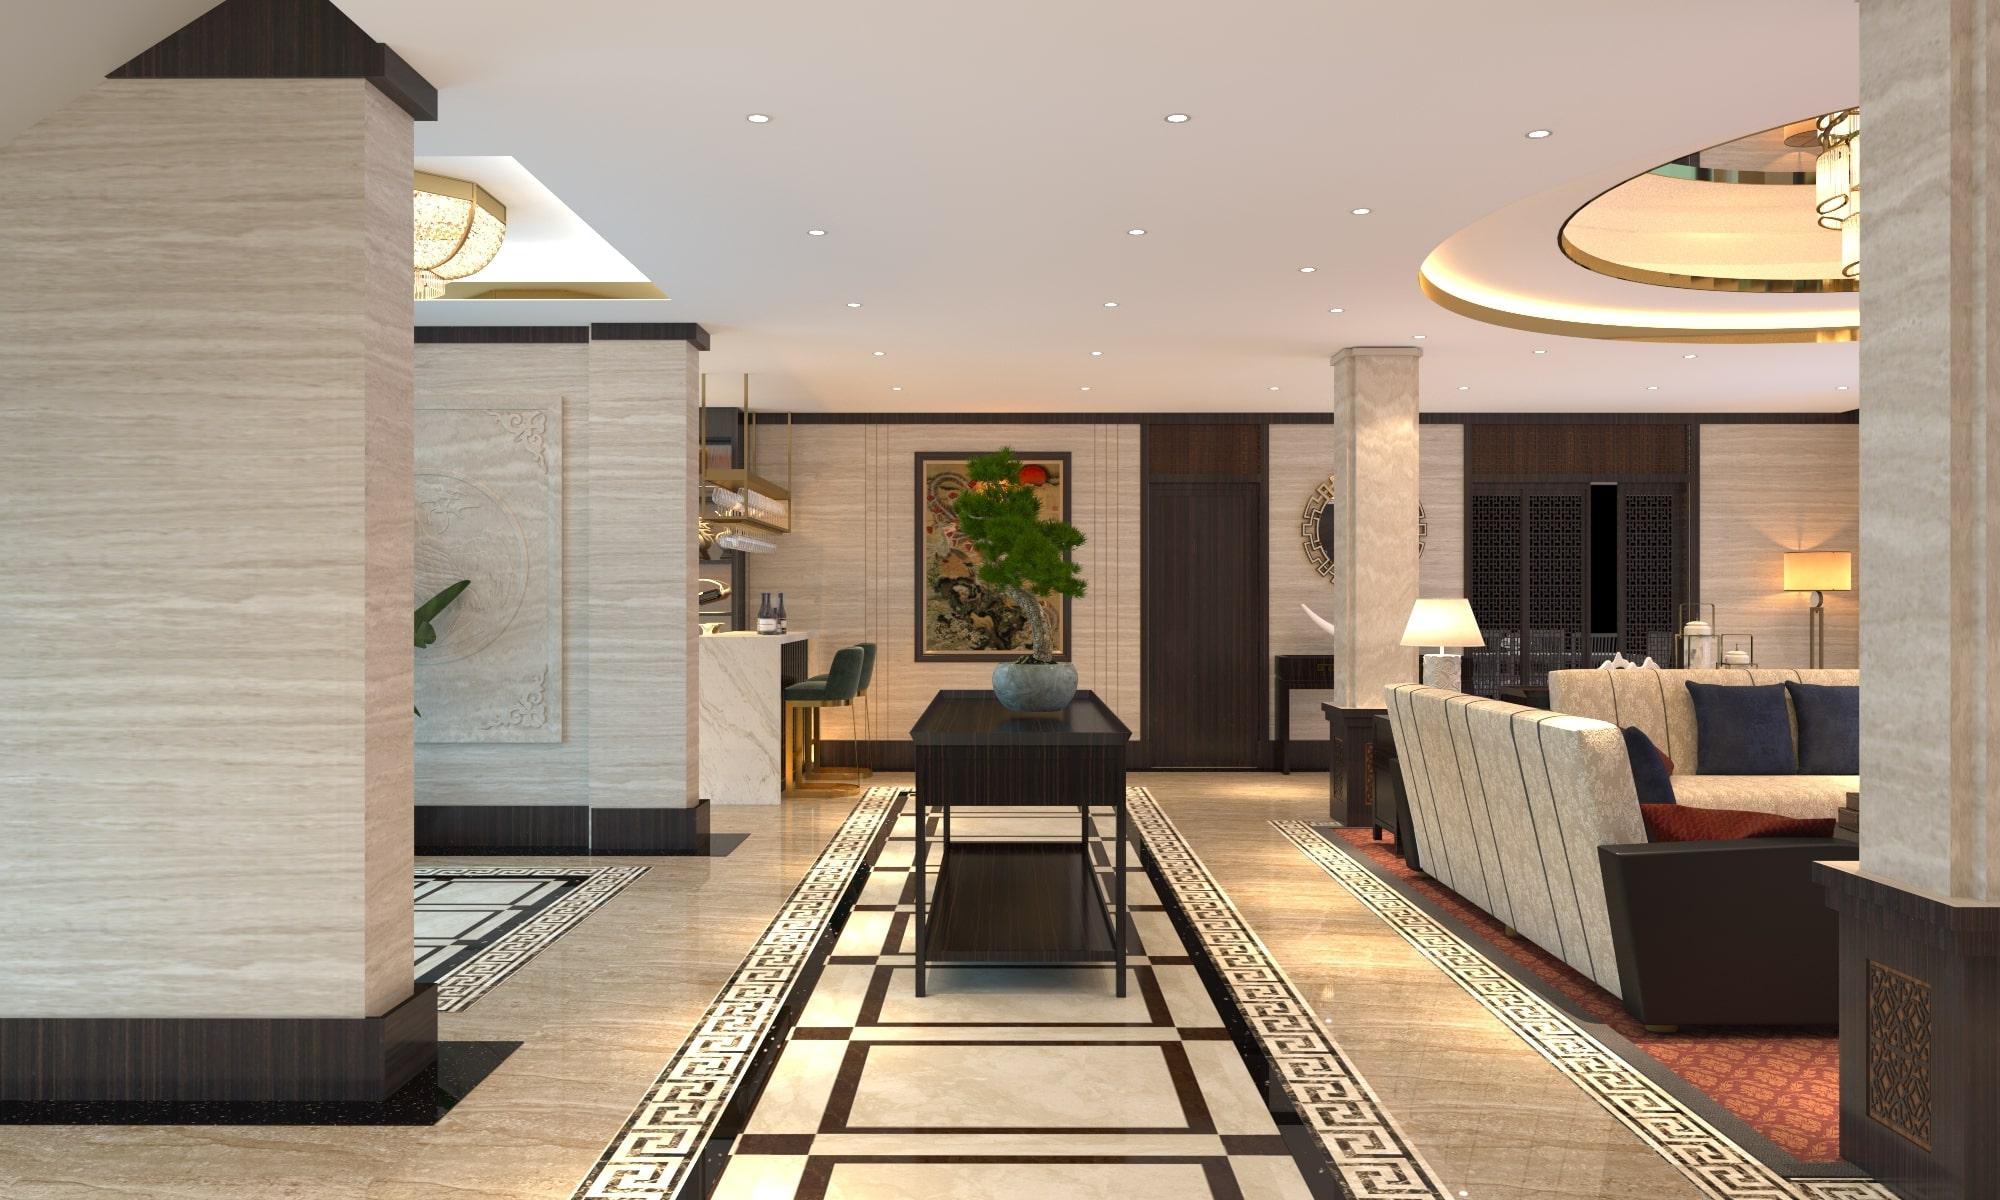 các phong cách thiết kế nội thất khách sạn đẹp và hiện đại